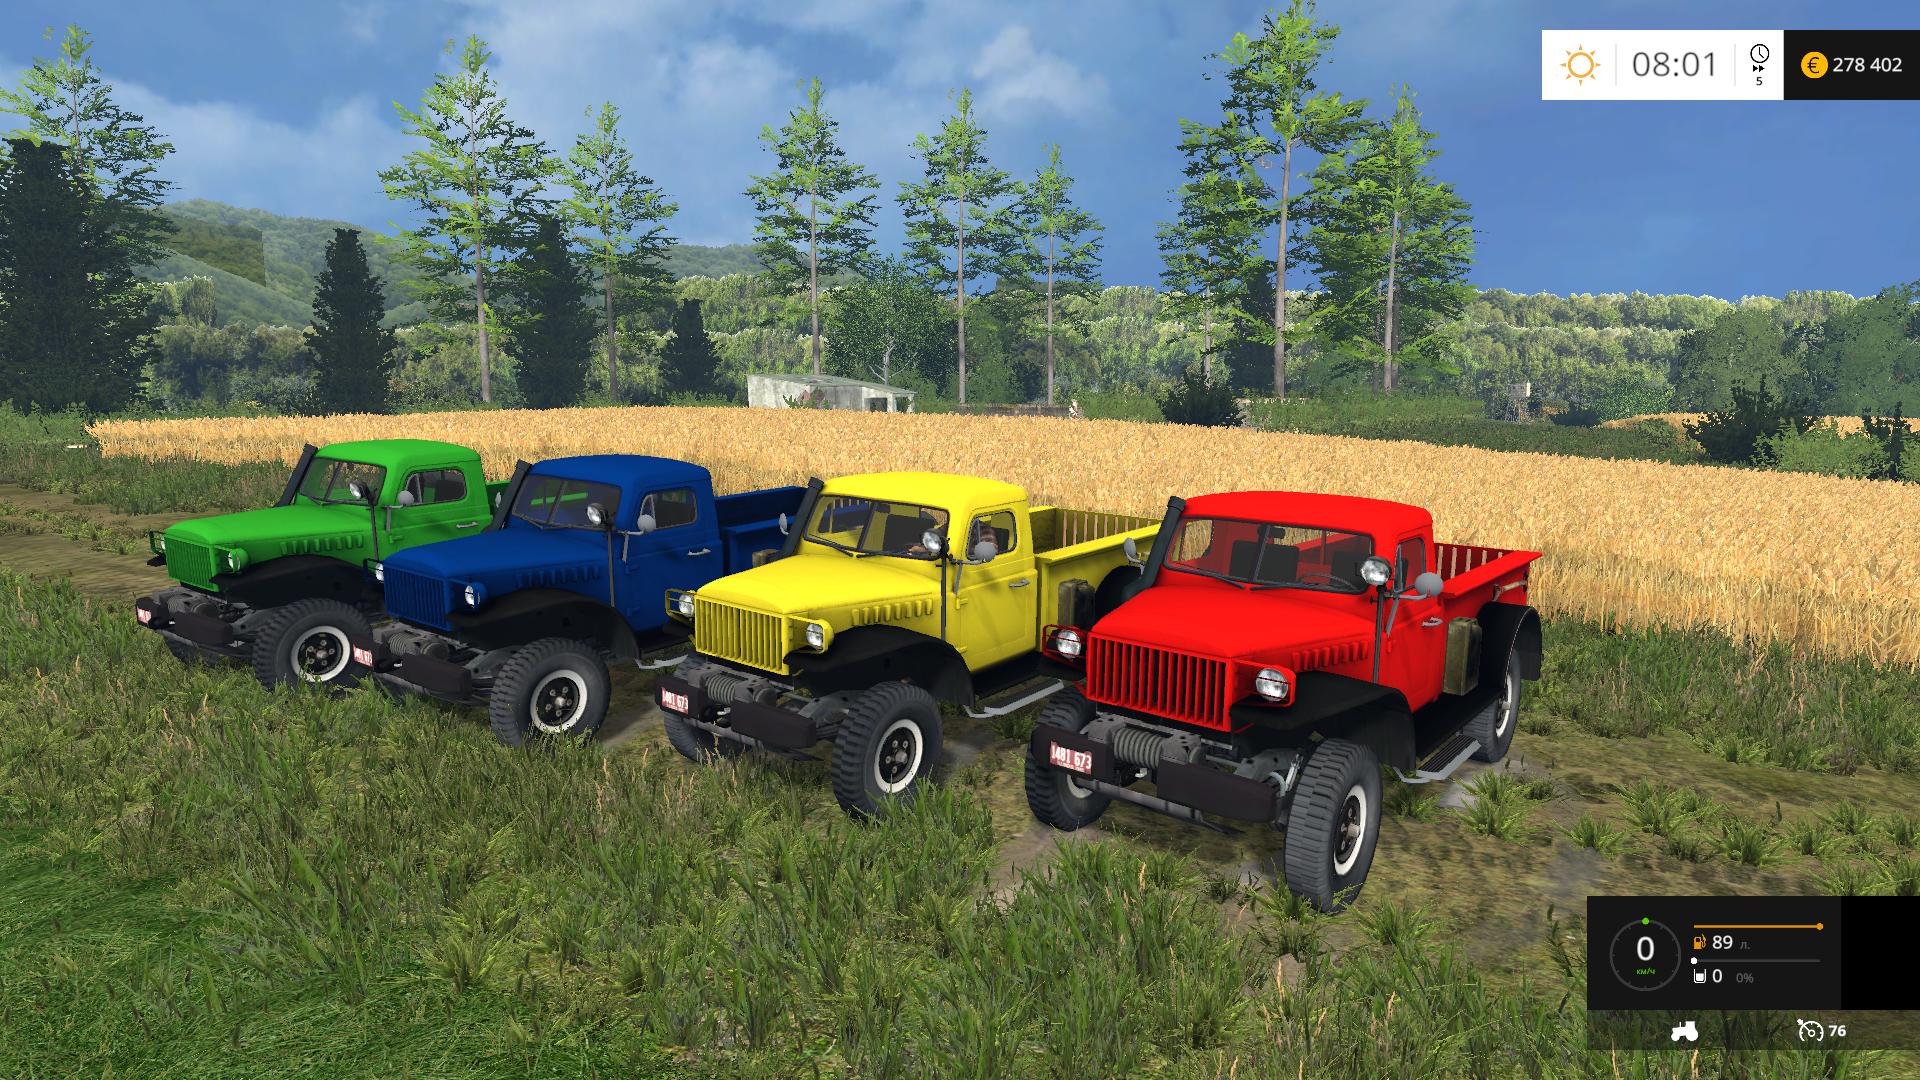 Dodge Powerwagon V 1 0 - Farming simulator modification - FarmingMod com